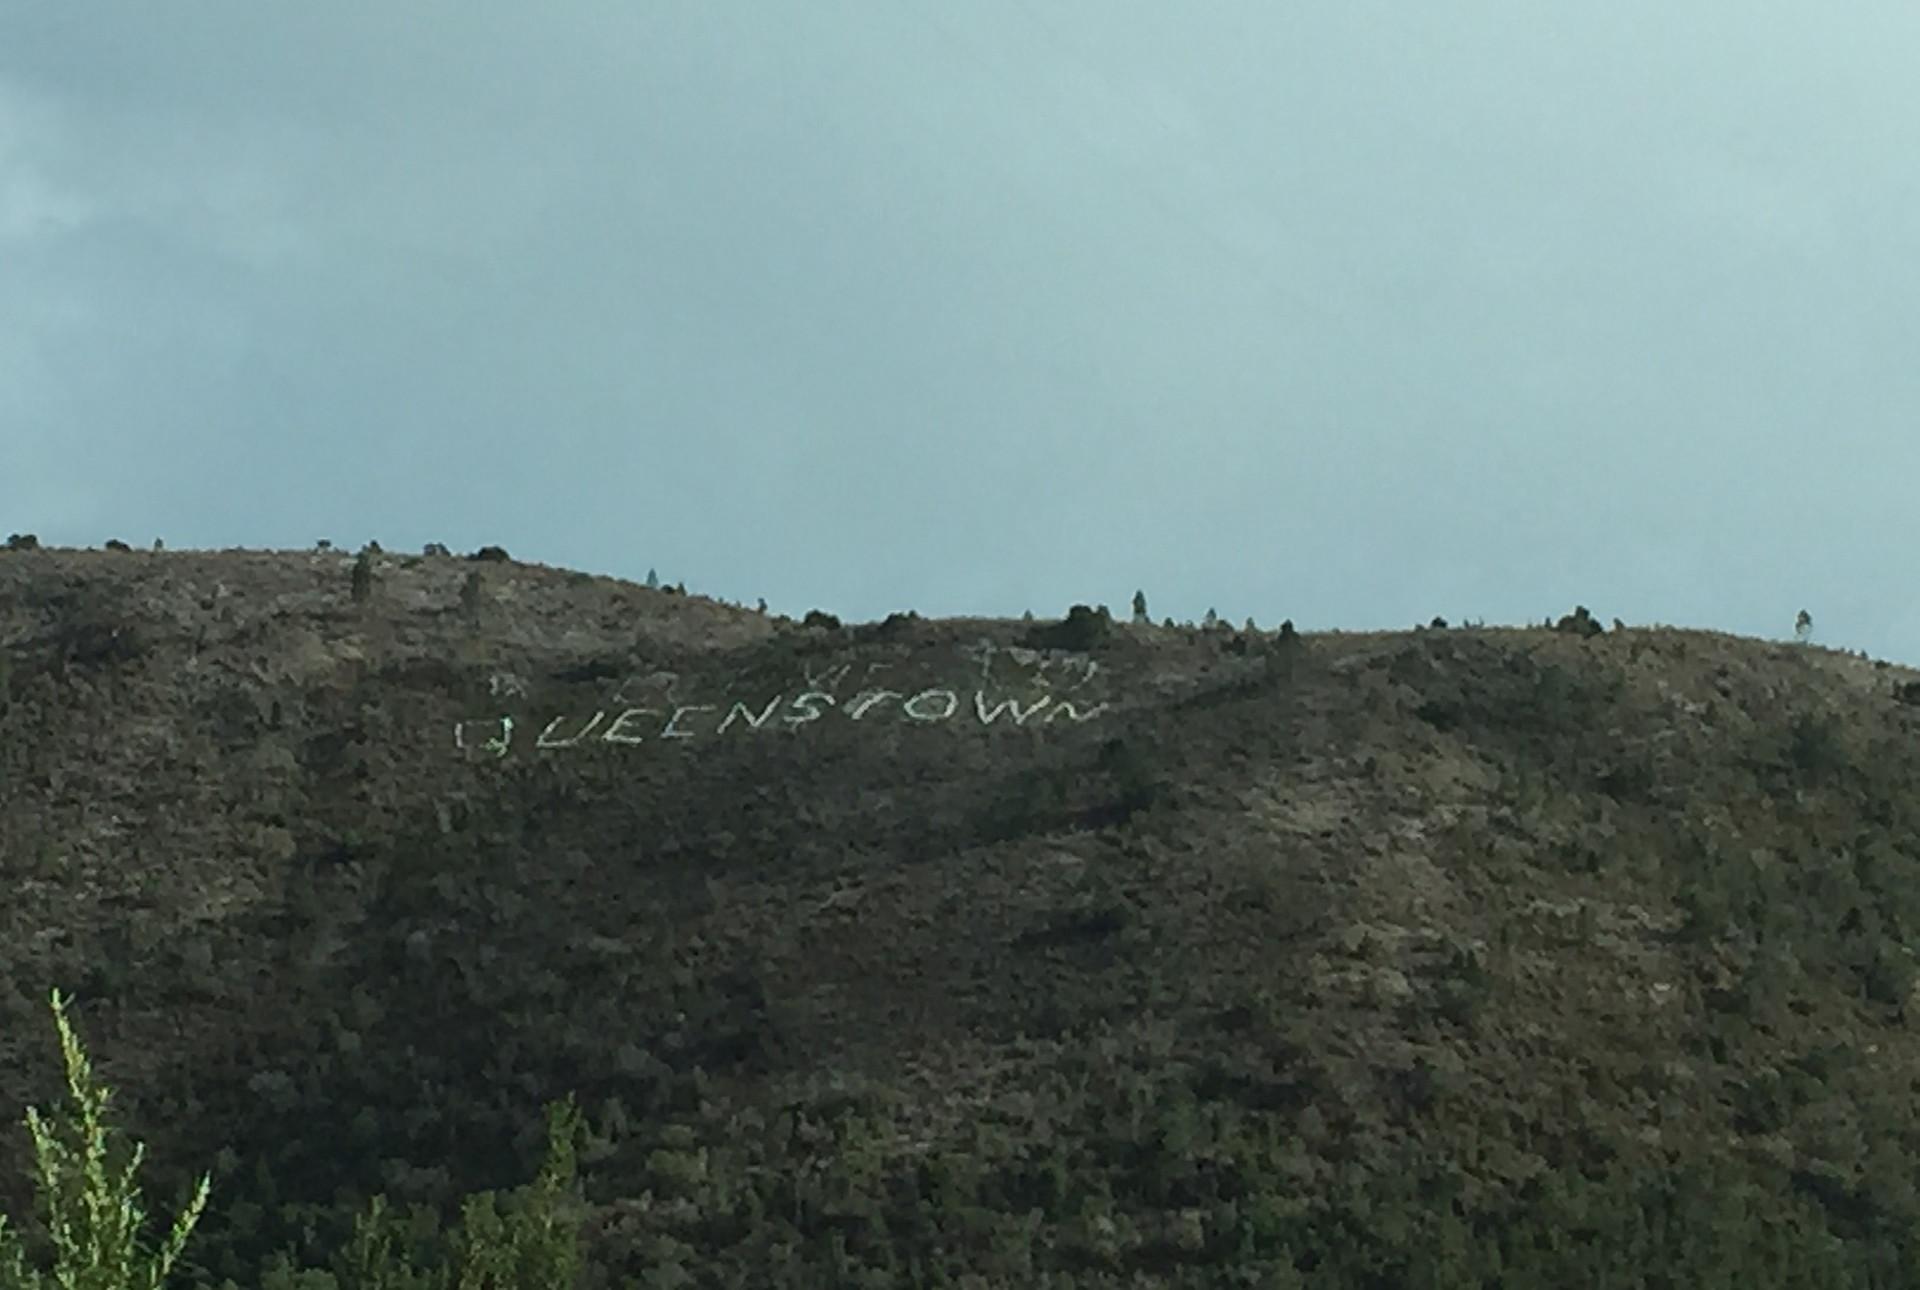 Надпись Queenstown на горе — Тасмания 2017 — Блог о путешествиях Сергея Чеботова